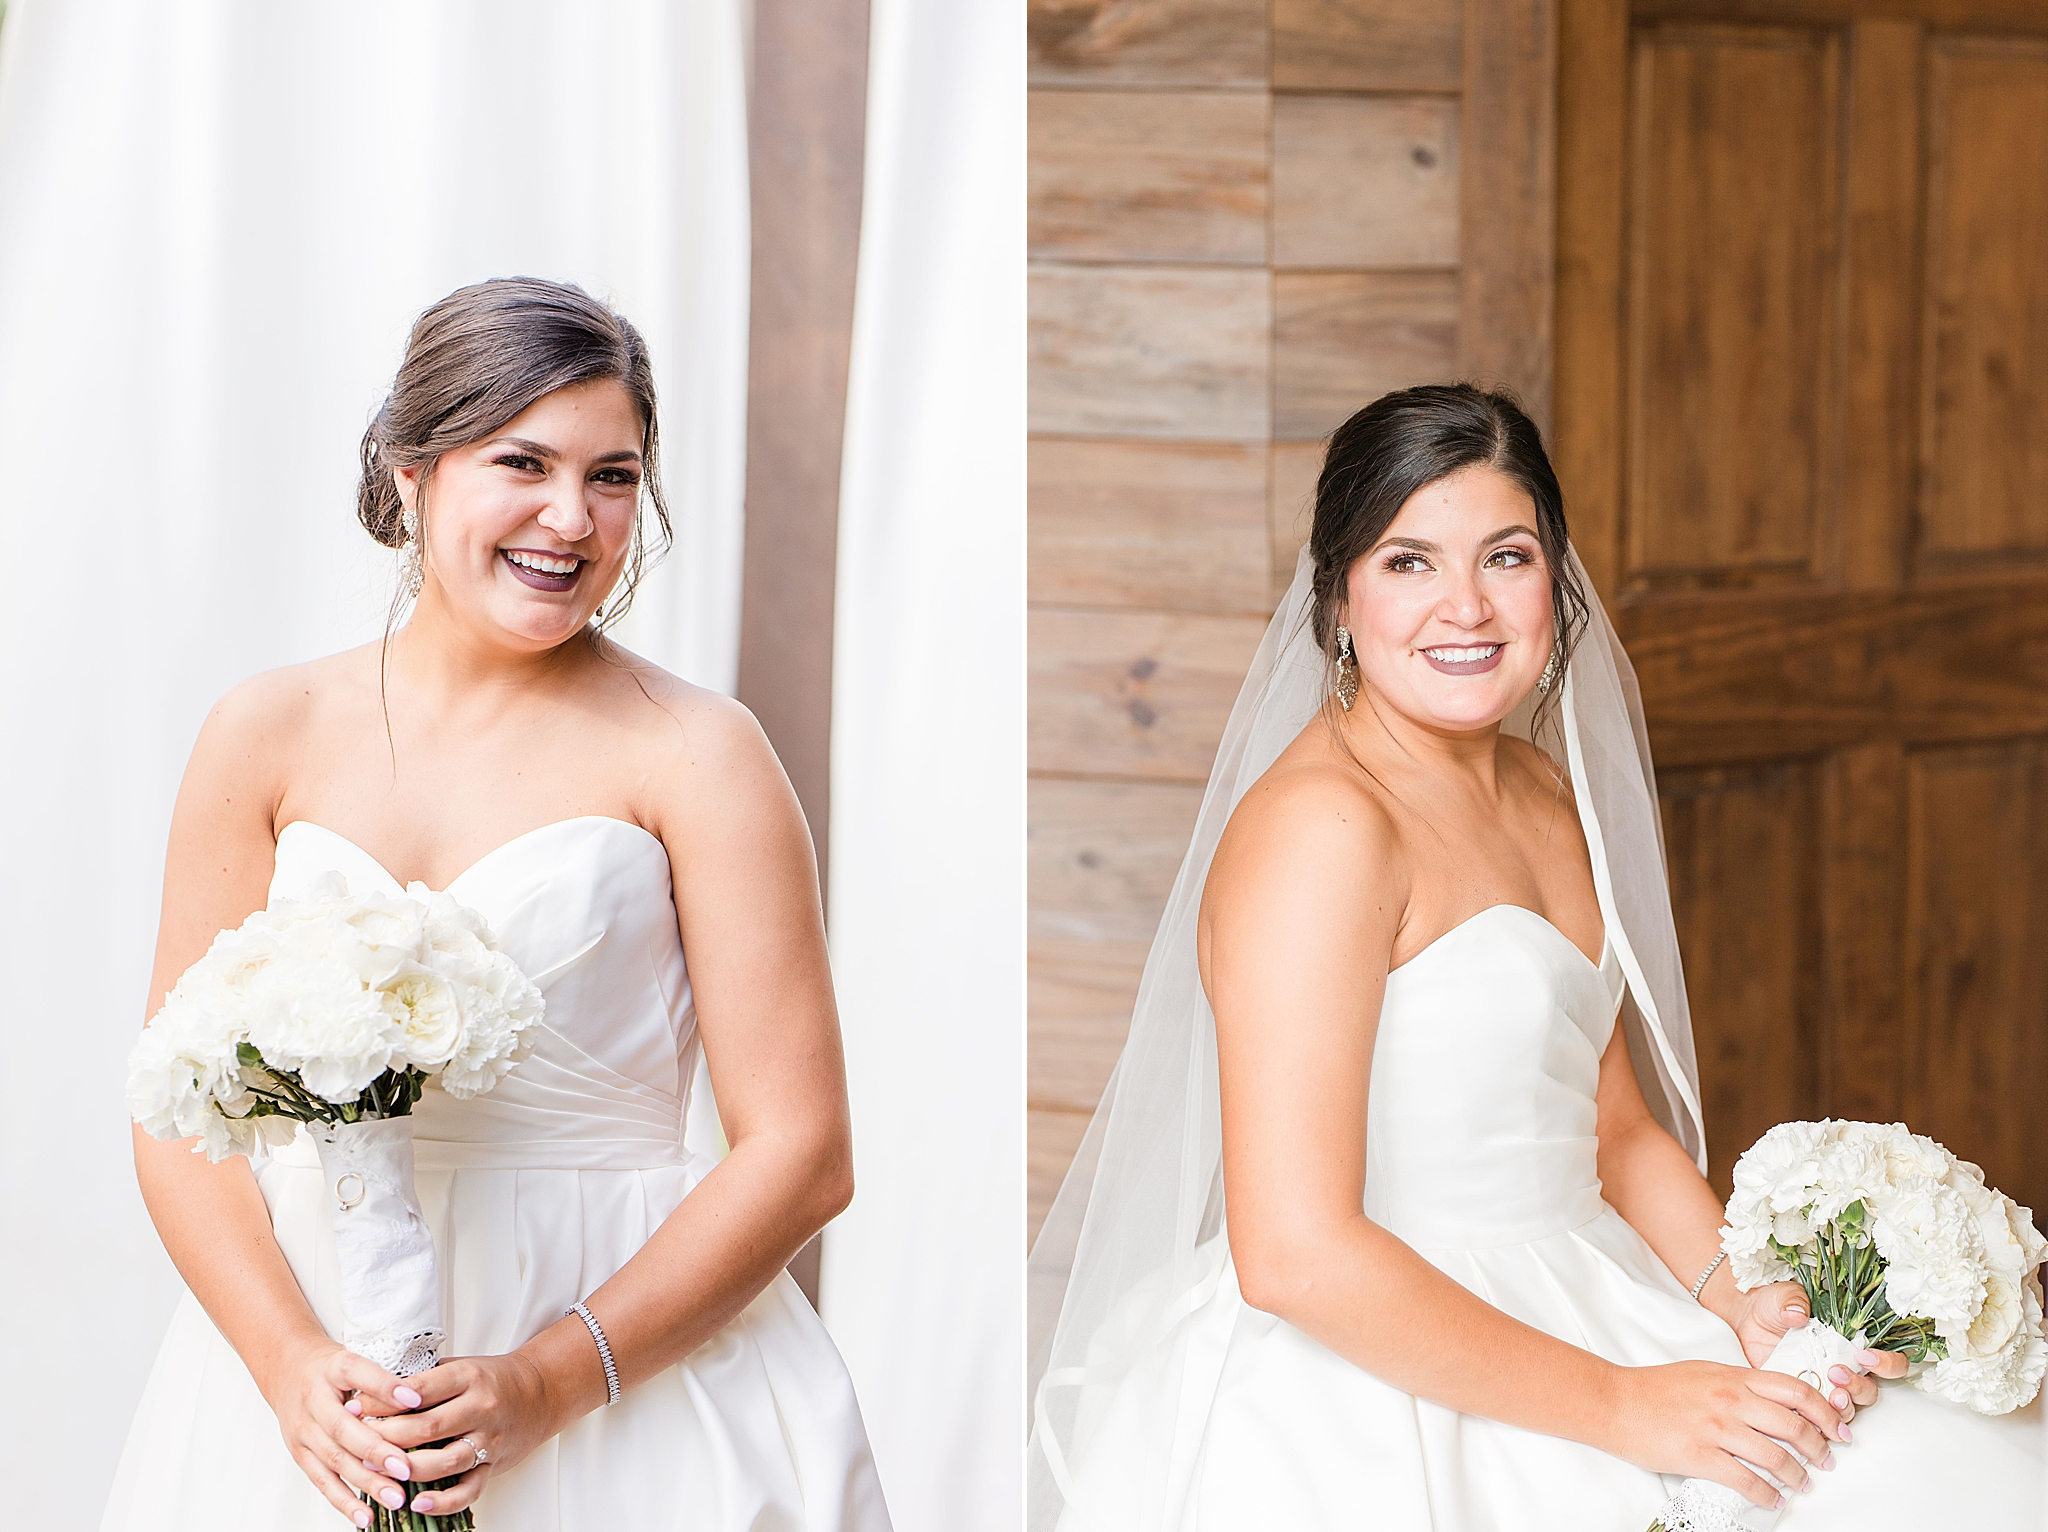 bridal portraits at Izenstone